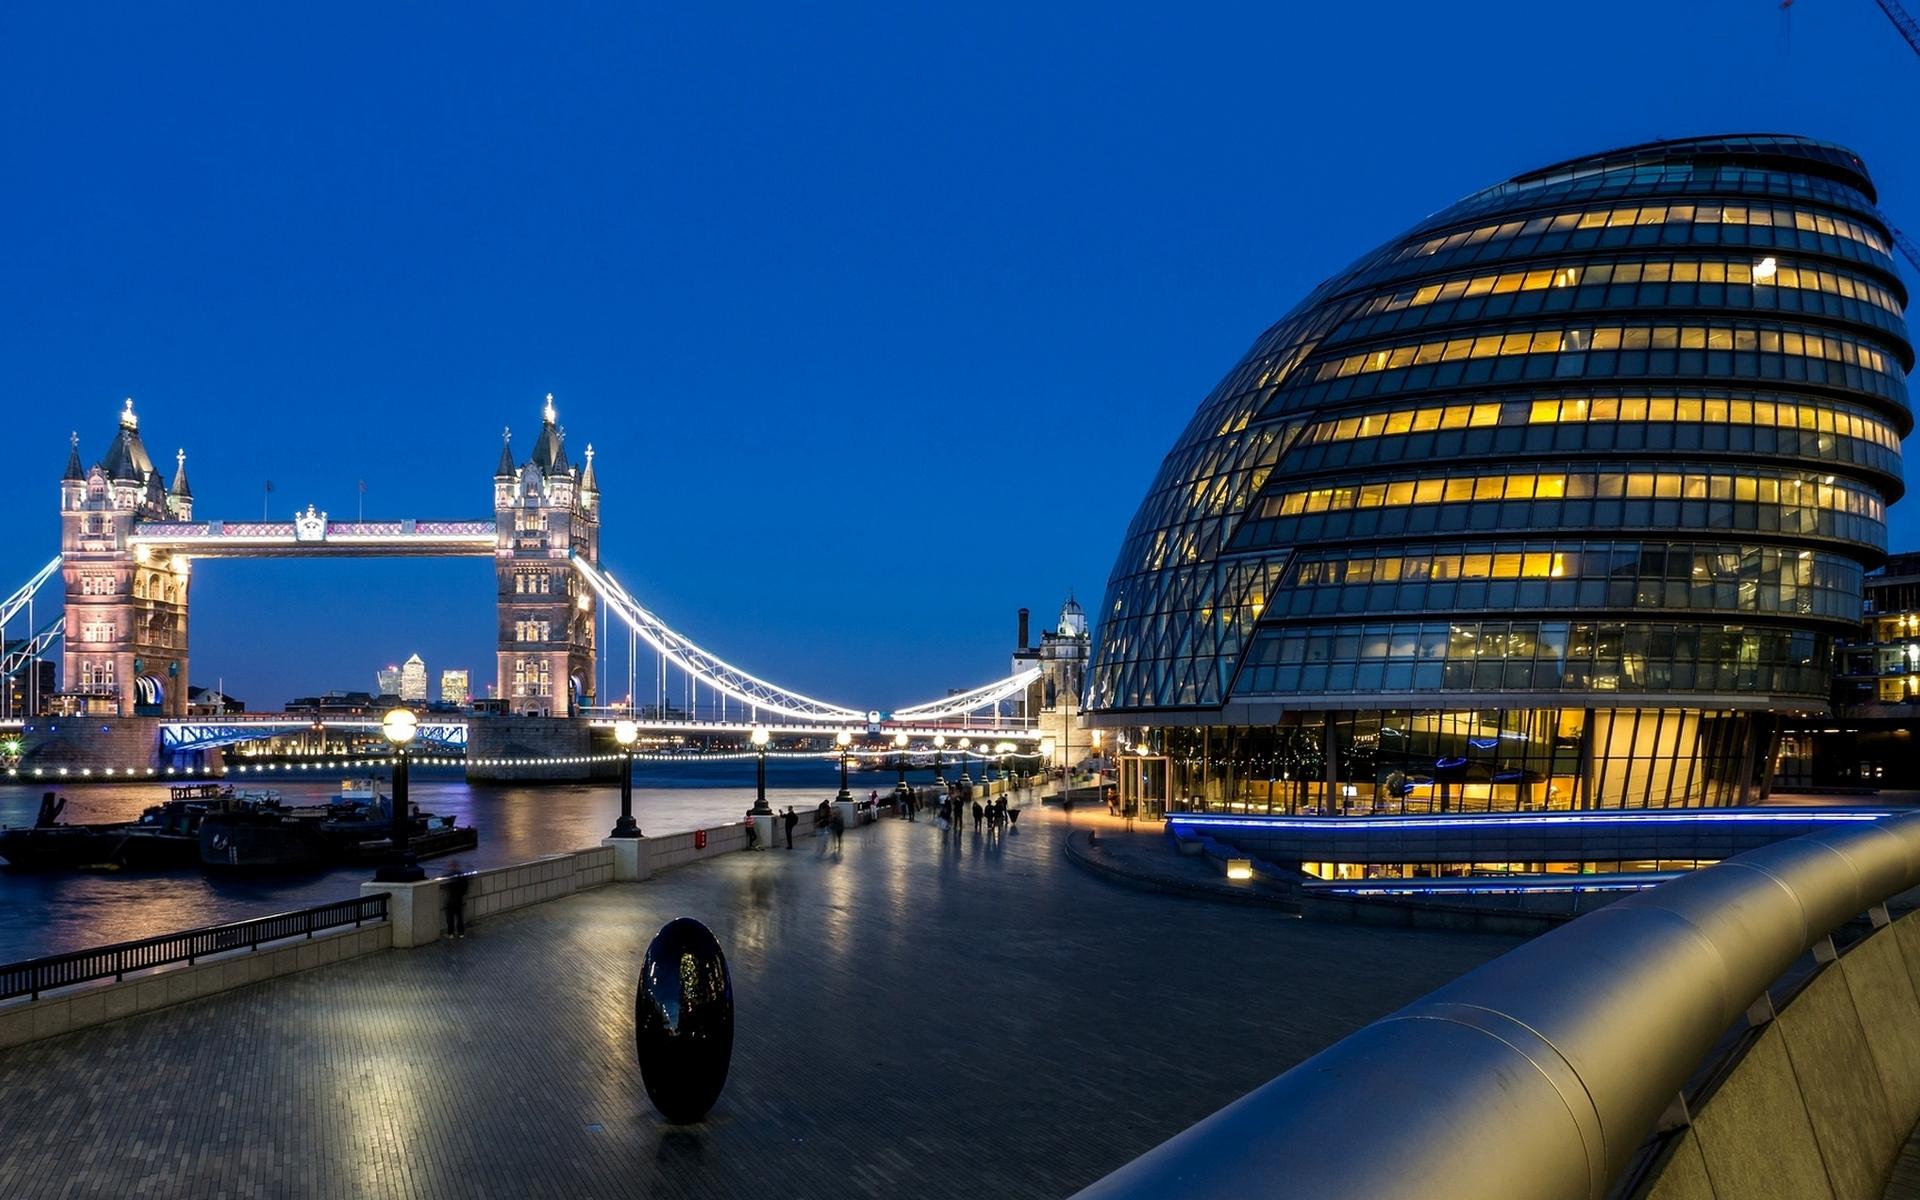 страны архитектура великобритания лондон без смс